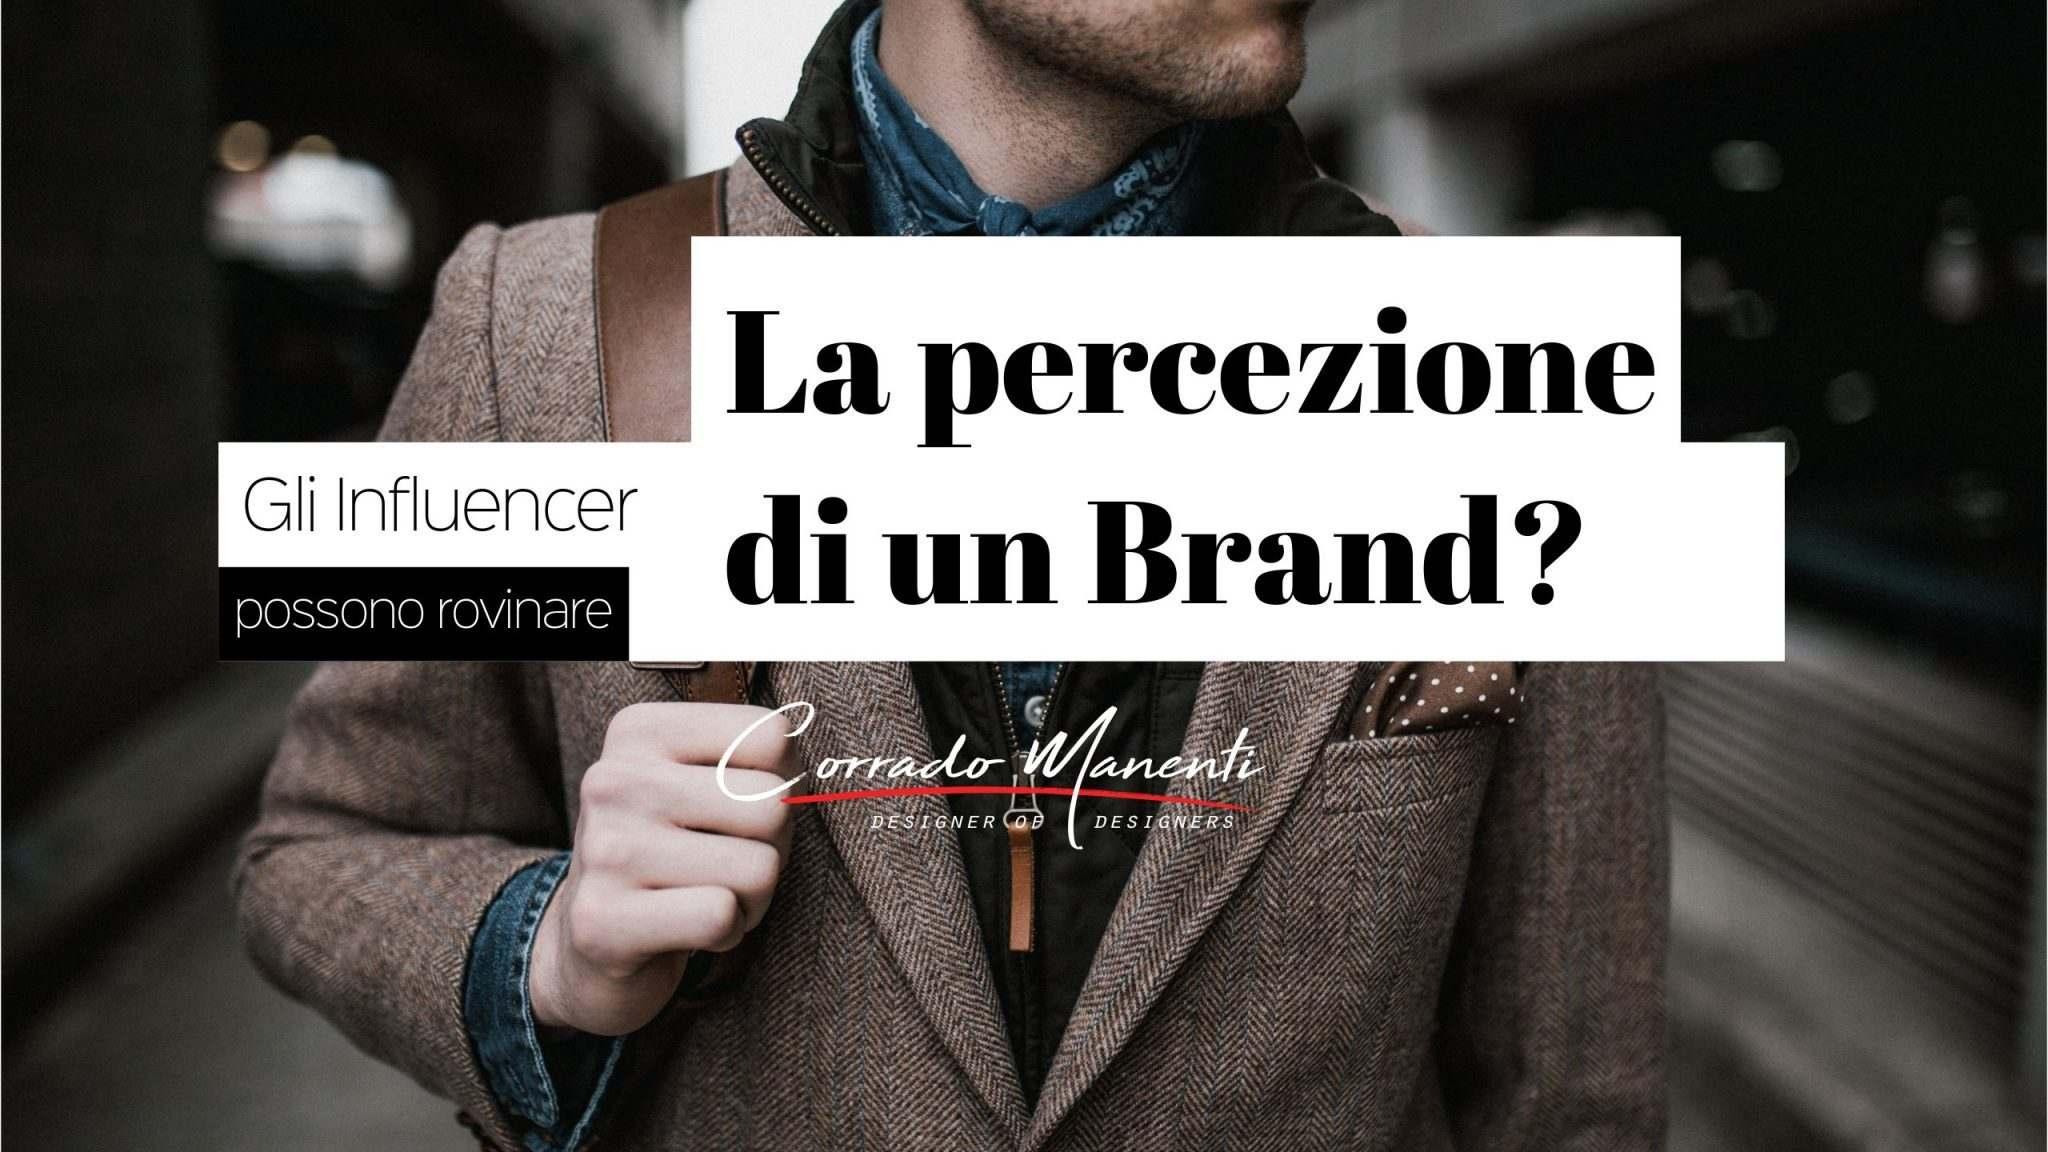 L'uso di influencer può influenzare negativamente la percezione del brand?